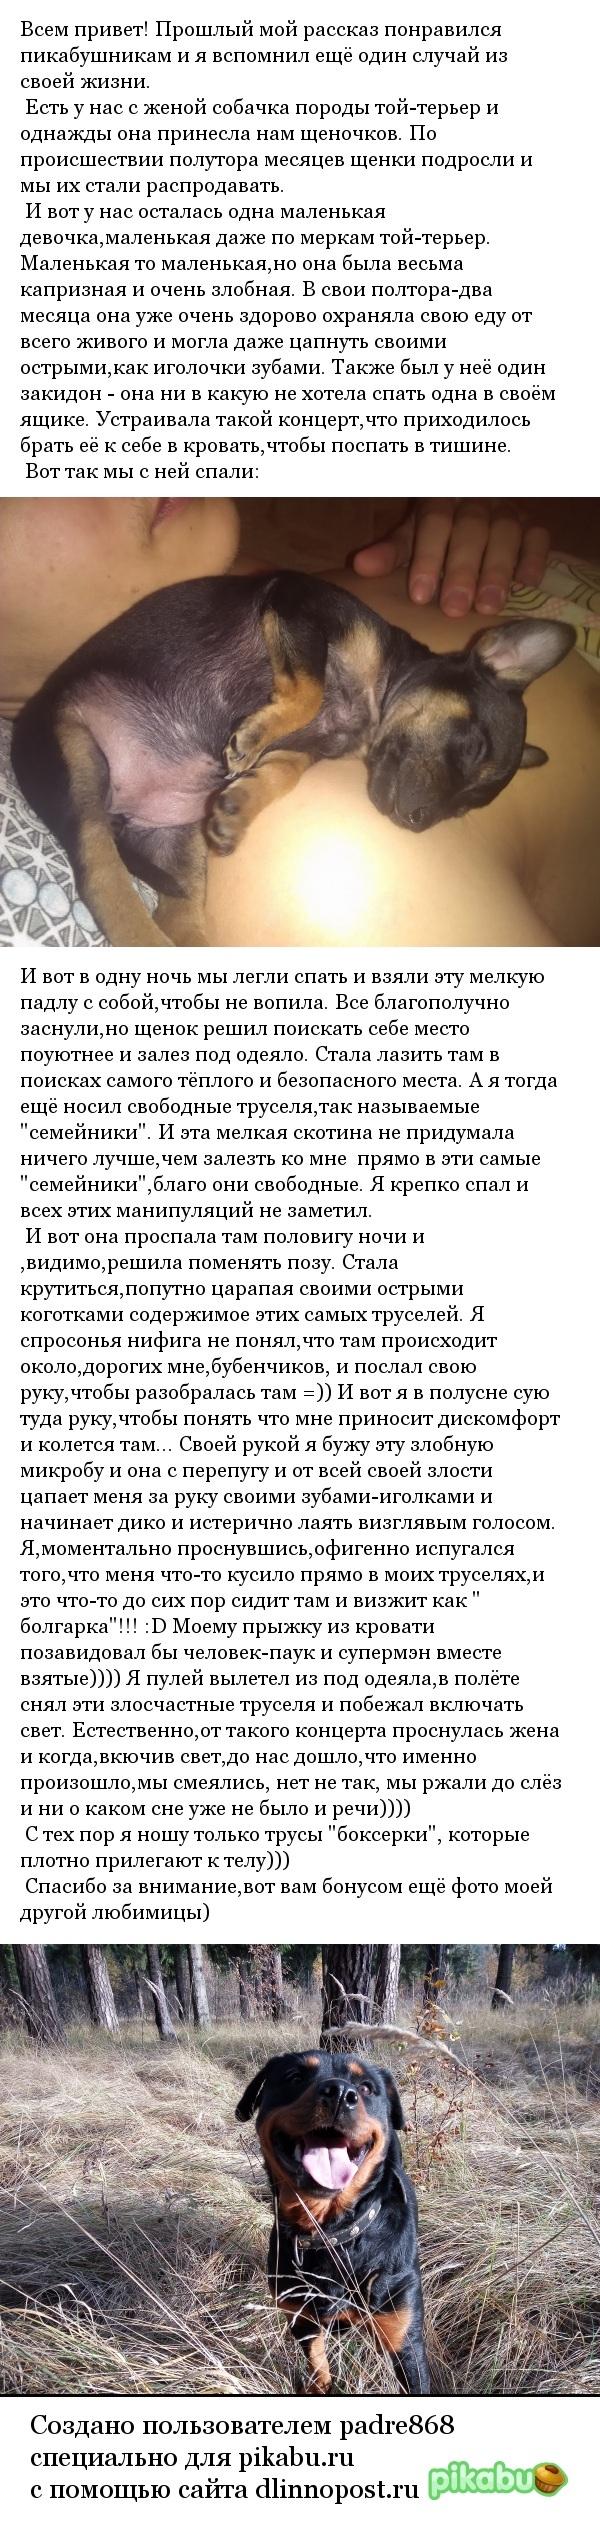 Как я чуть не поседел или Берегите бубенчики))) моё, берегите свое хозяйство мужики, прикол, длиннопост